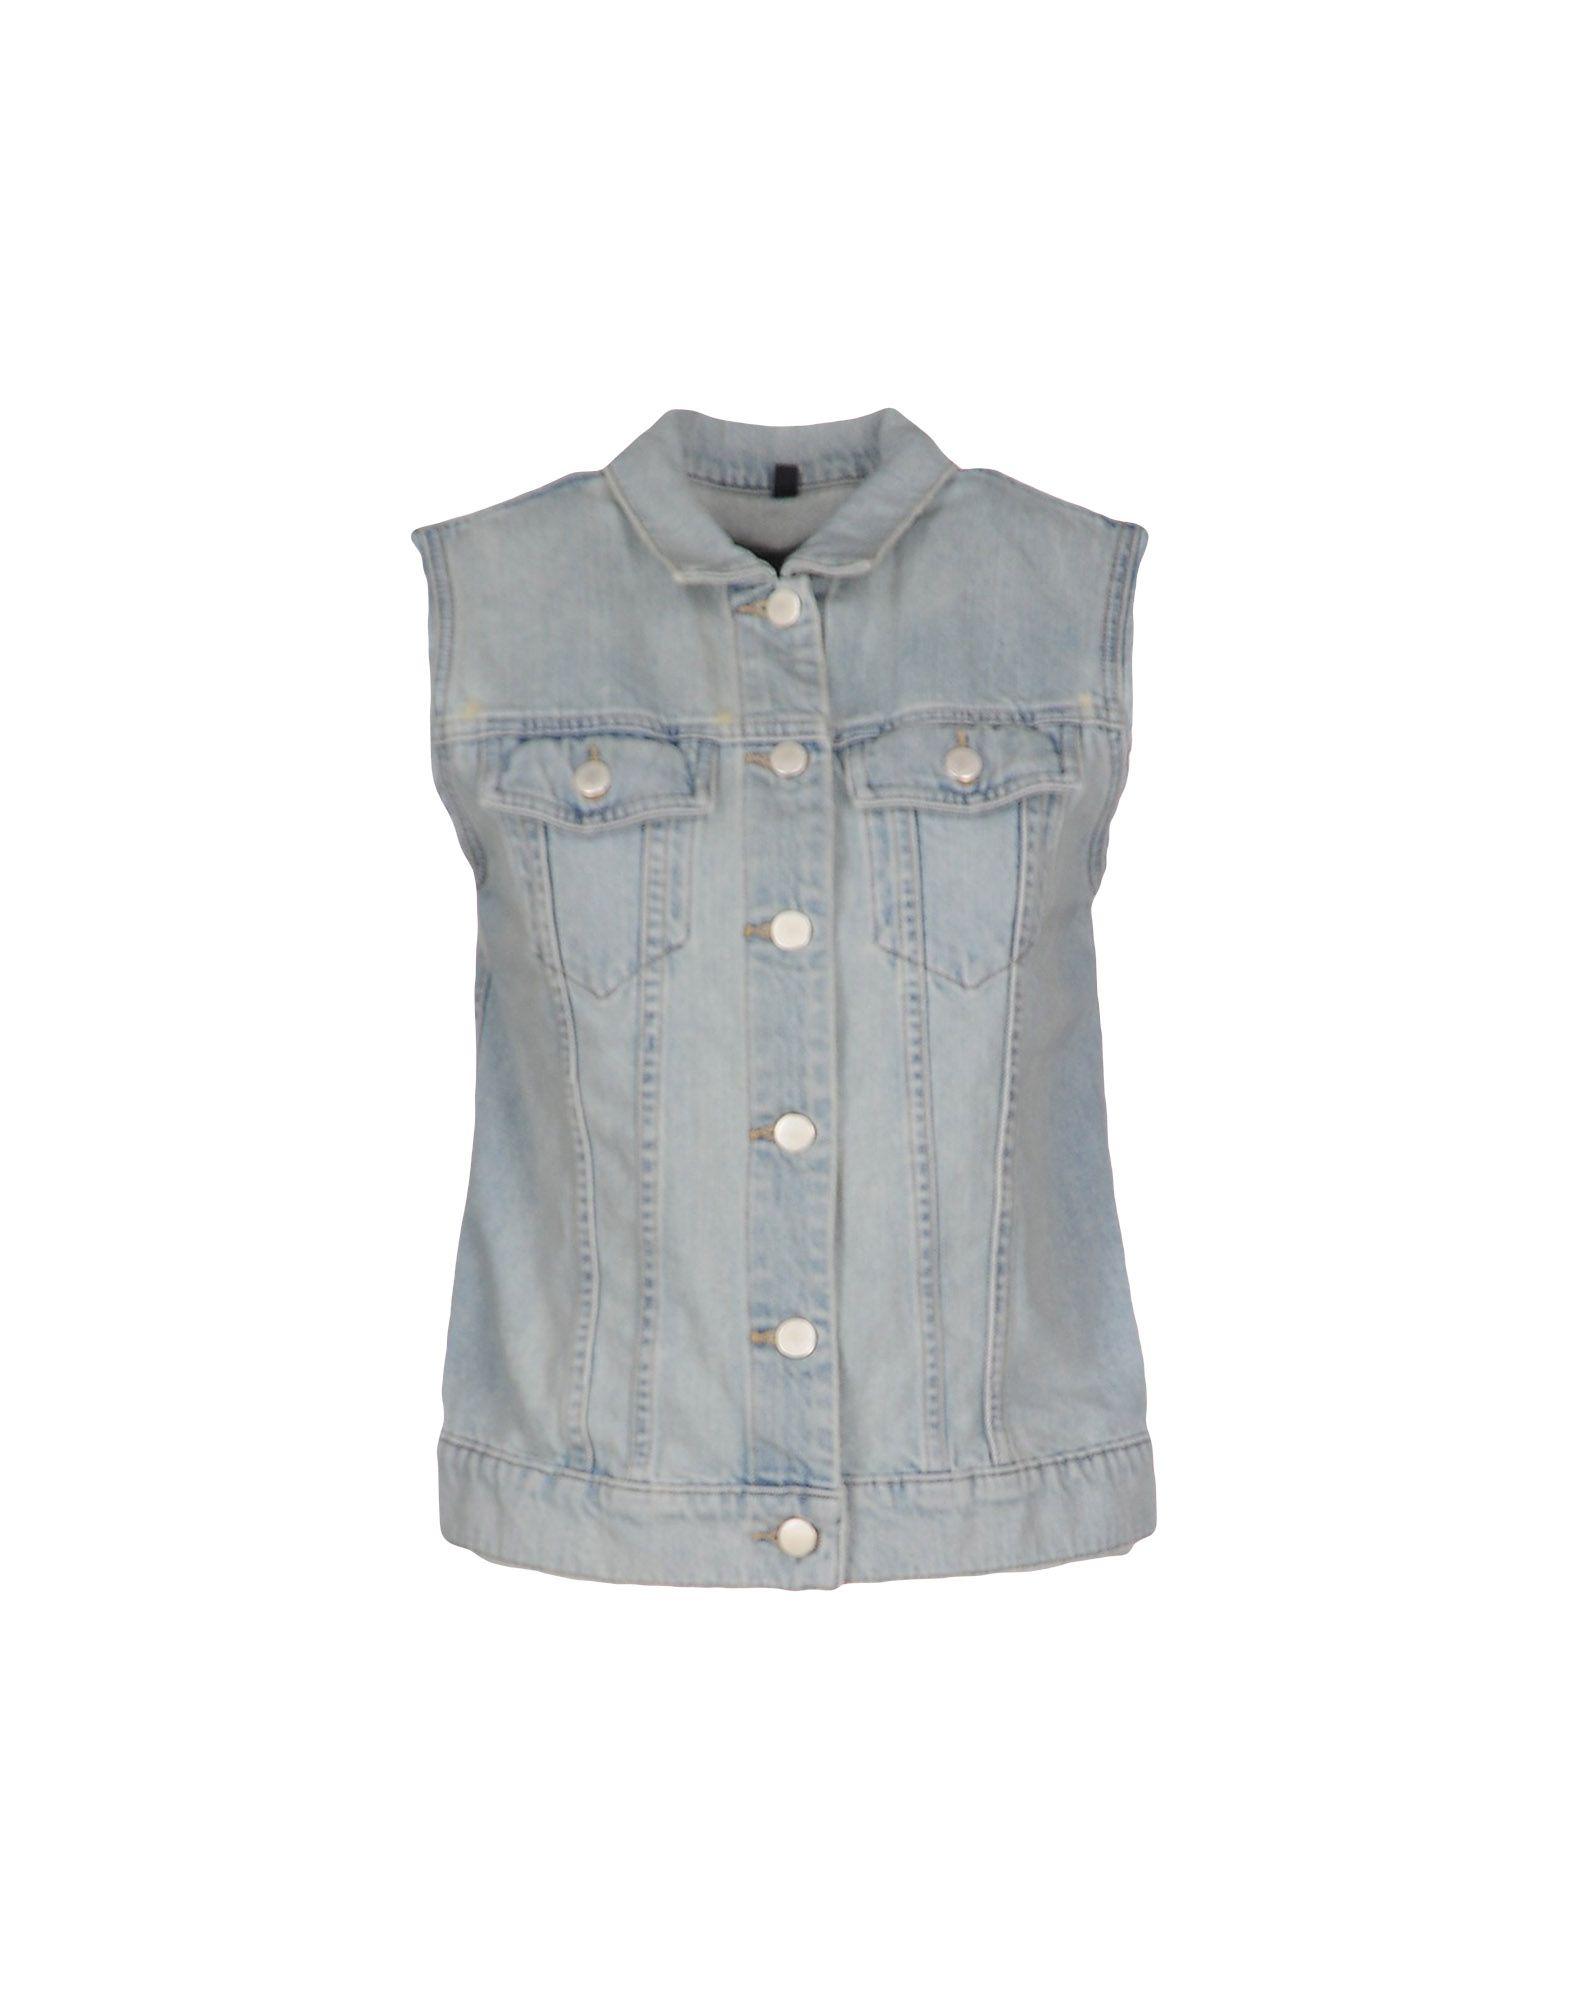 цены на J BRAND Джинсовая верхняя одежда в интернет-магазинах